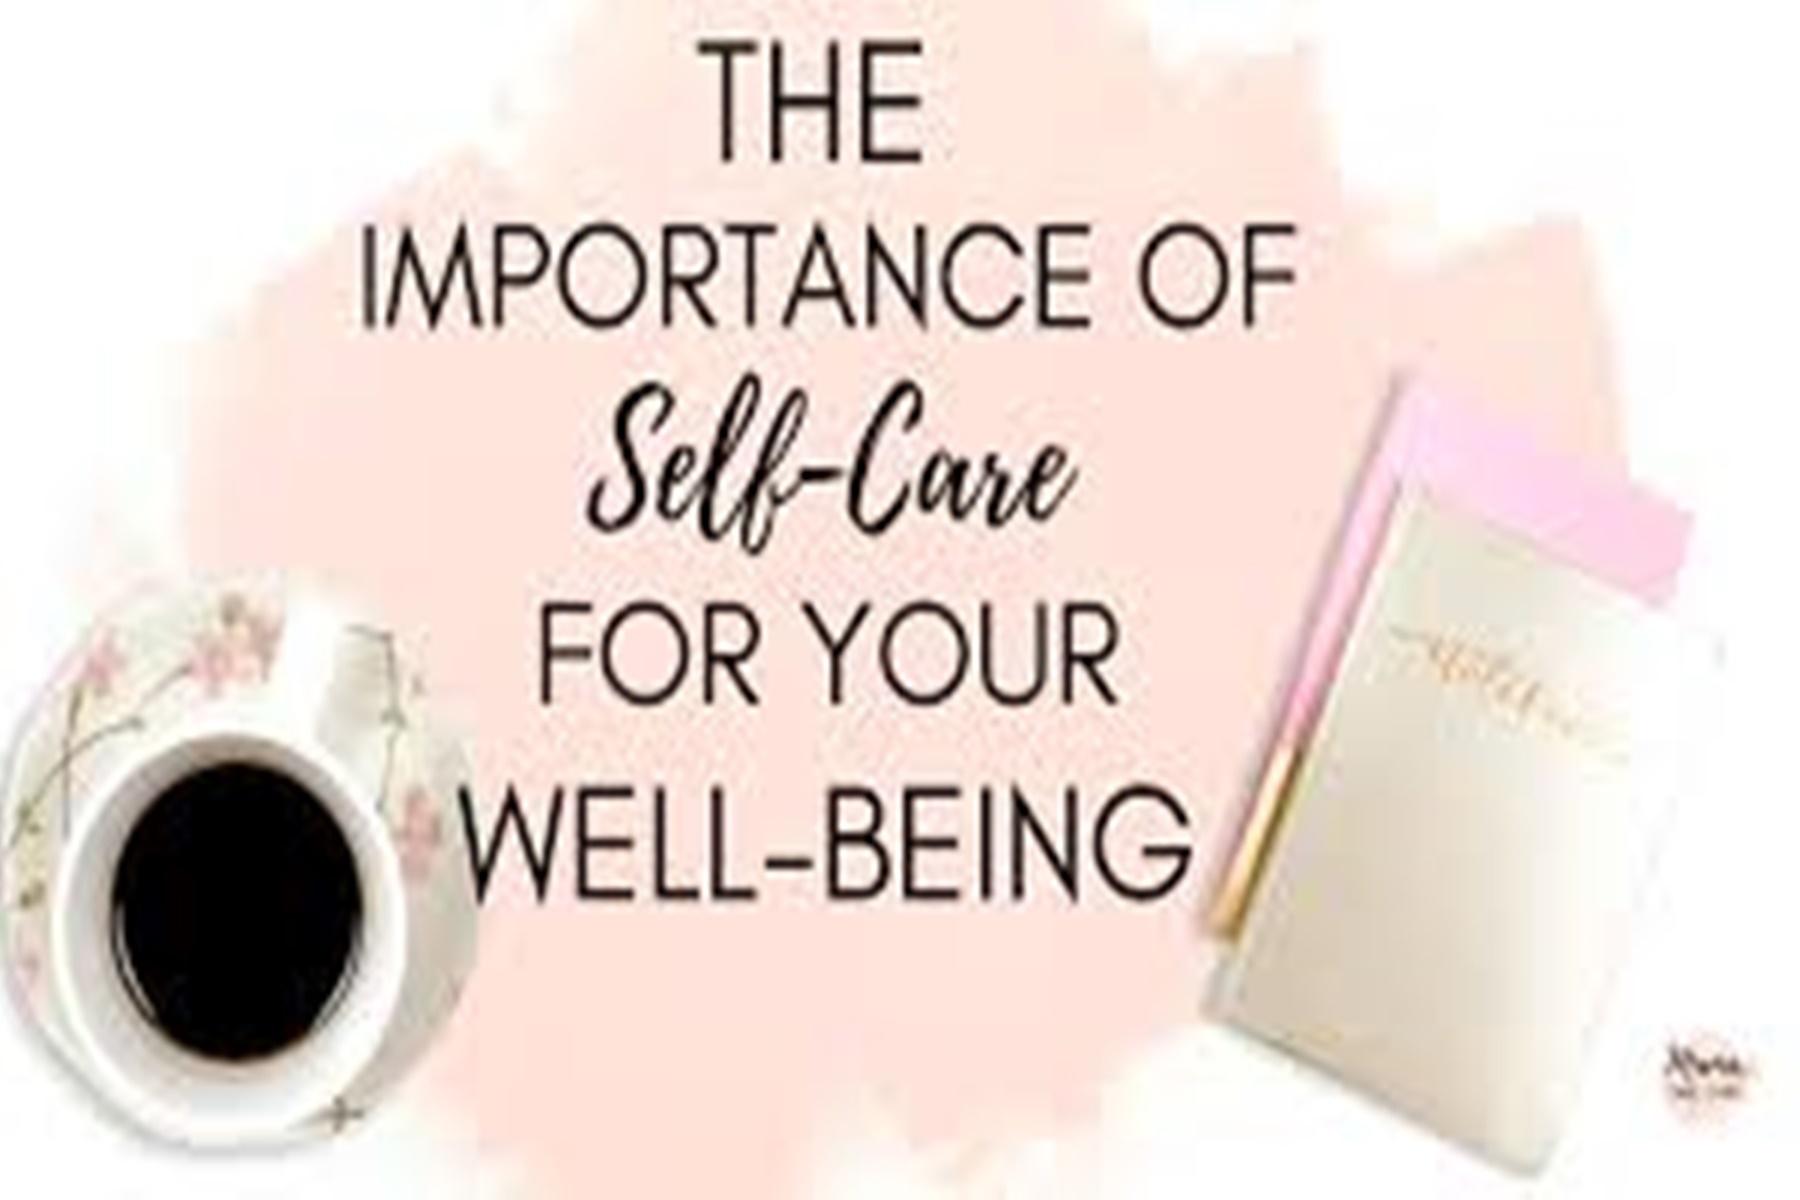 Αυτοφροντίδα : Φροντίστε τον εαυτό σας